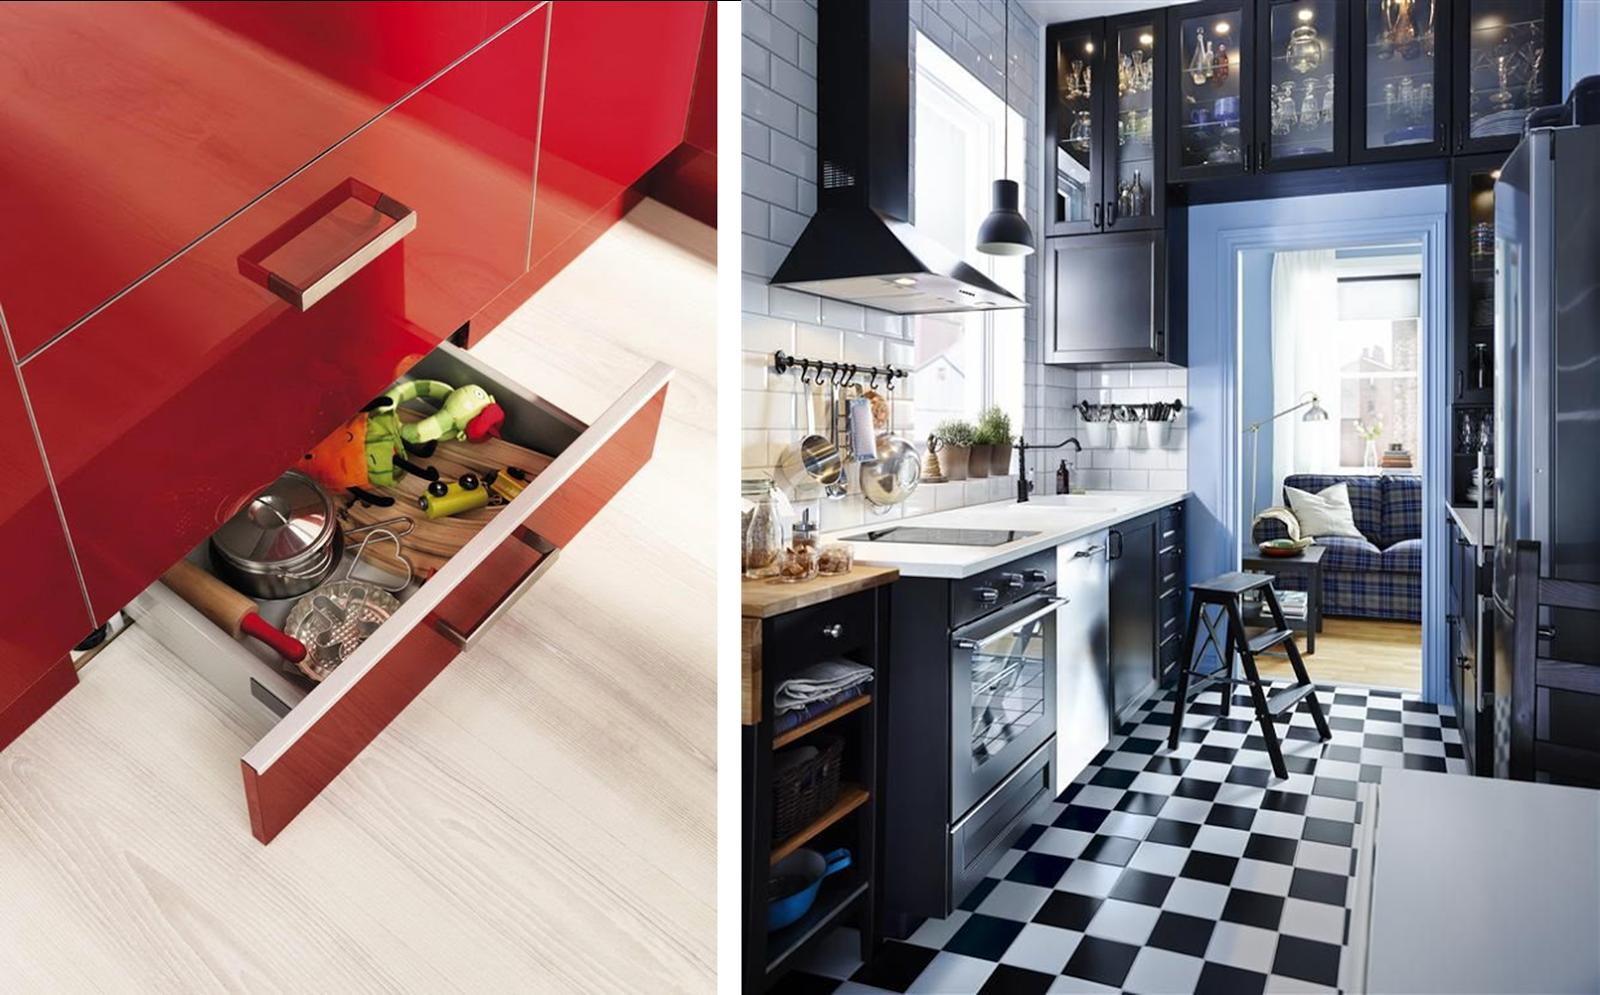 Muebles para cocinas peque as fotos - Muebles de cocina pequenas ...